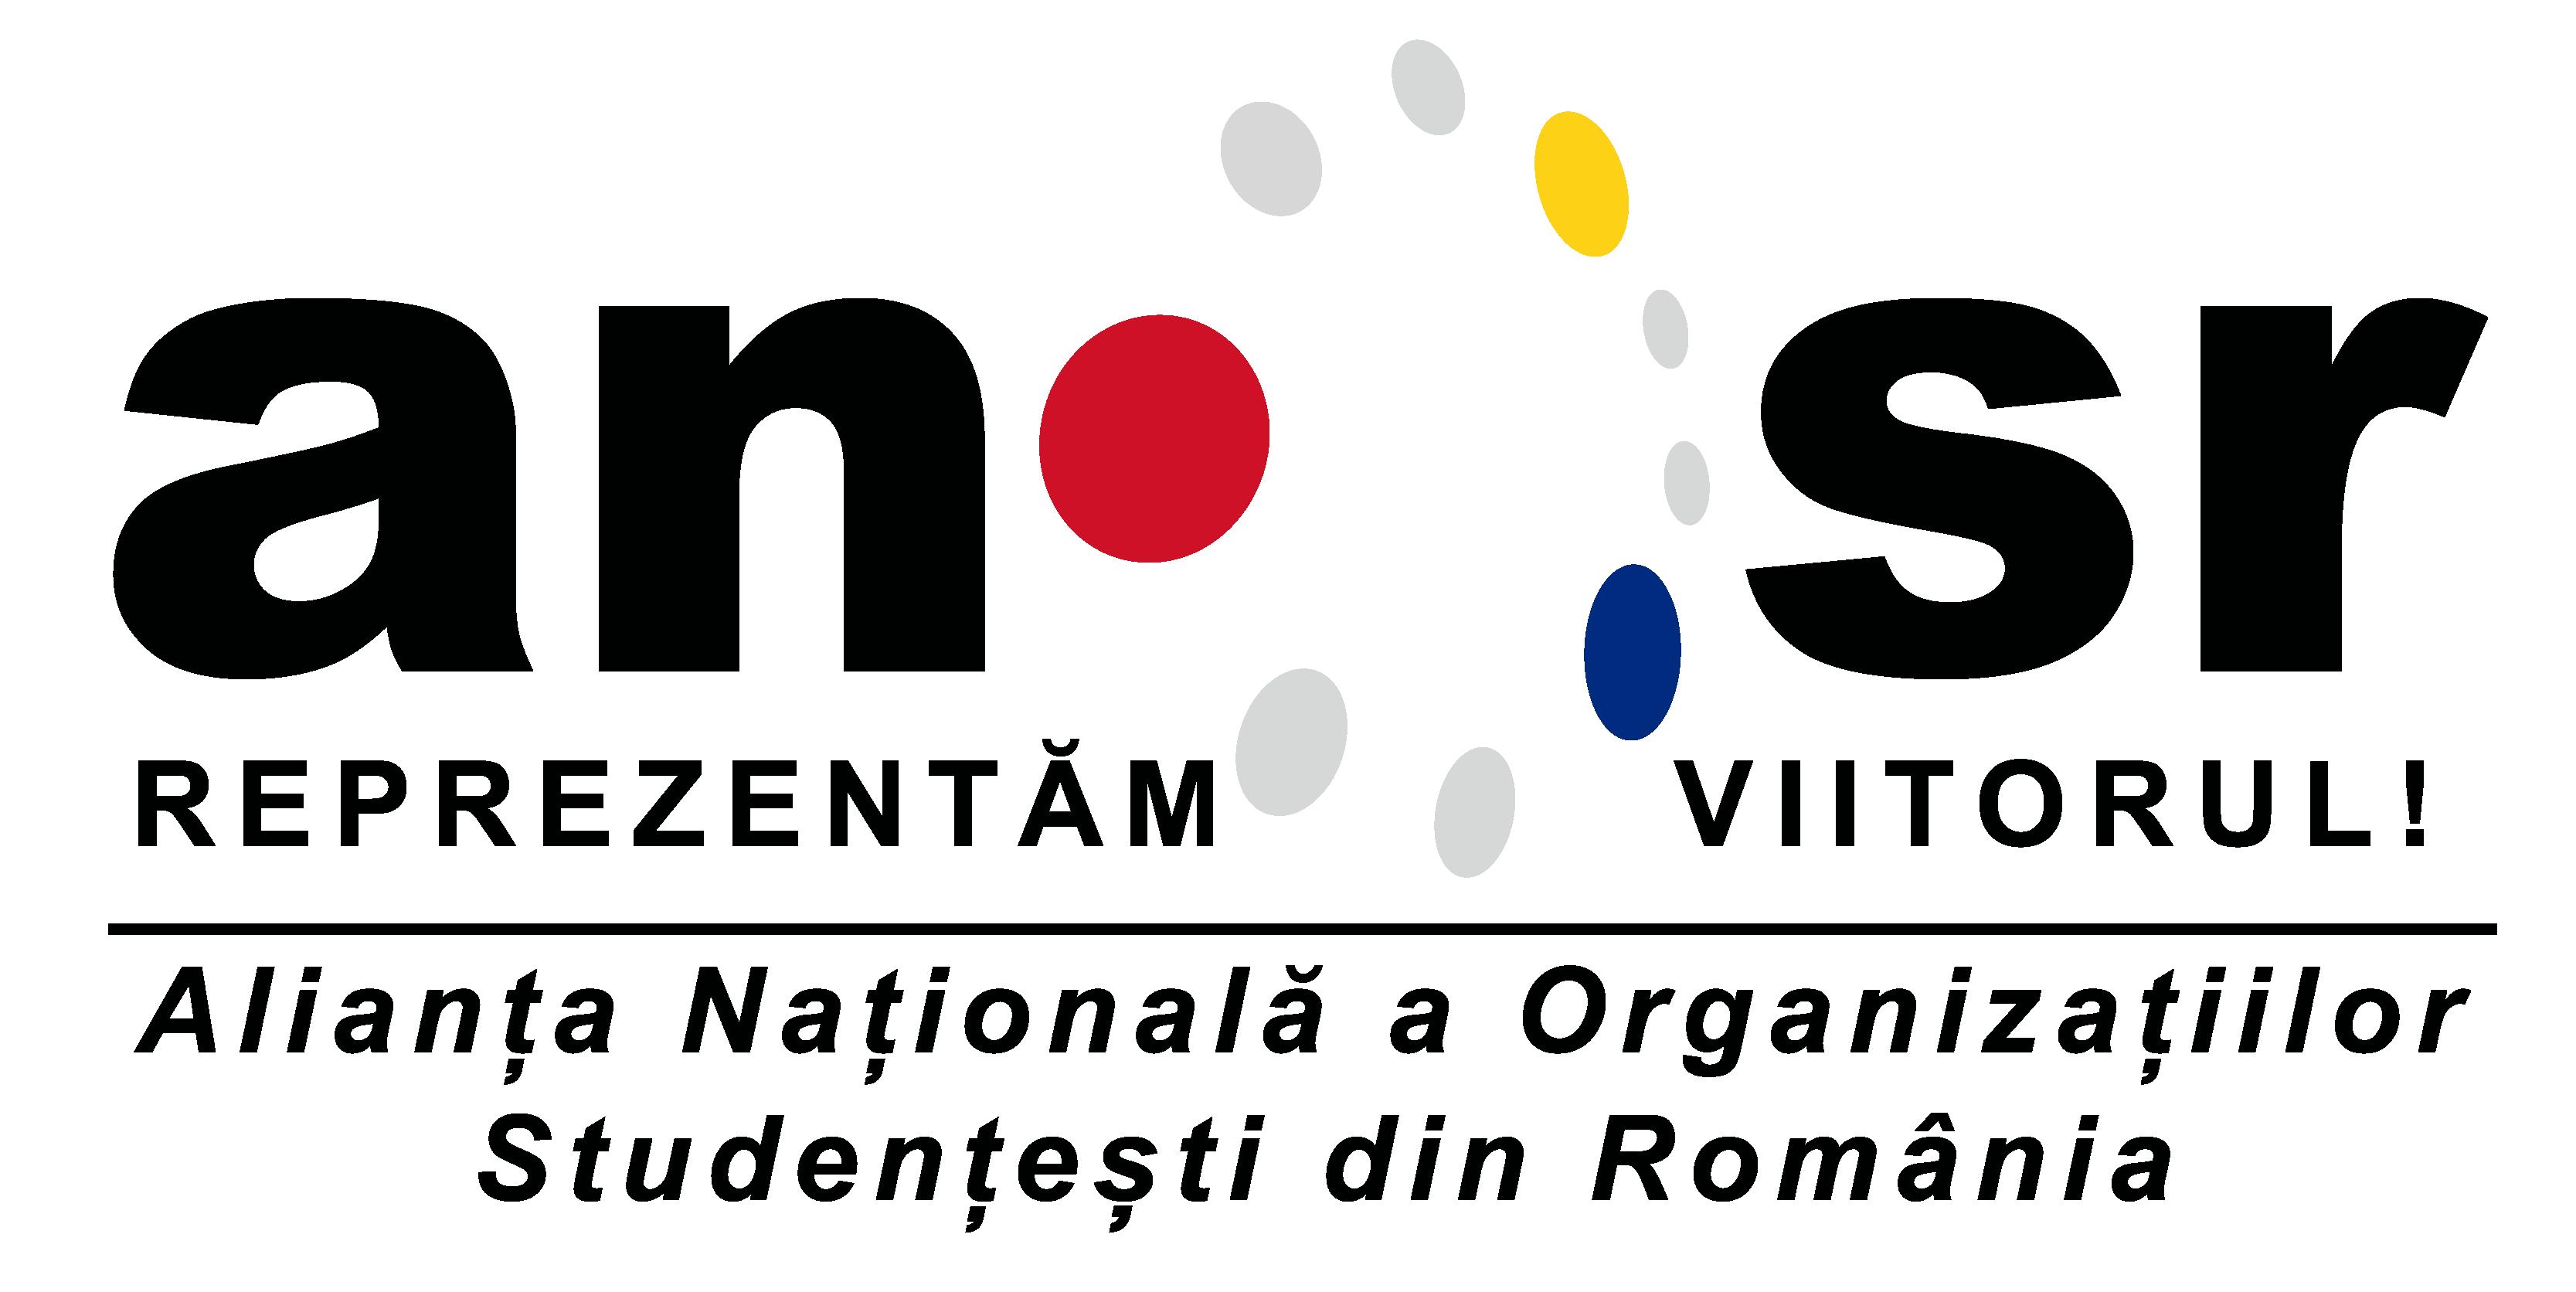 Alianța Națională a Organizațiilor Studențești din România (ANOSR)